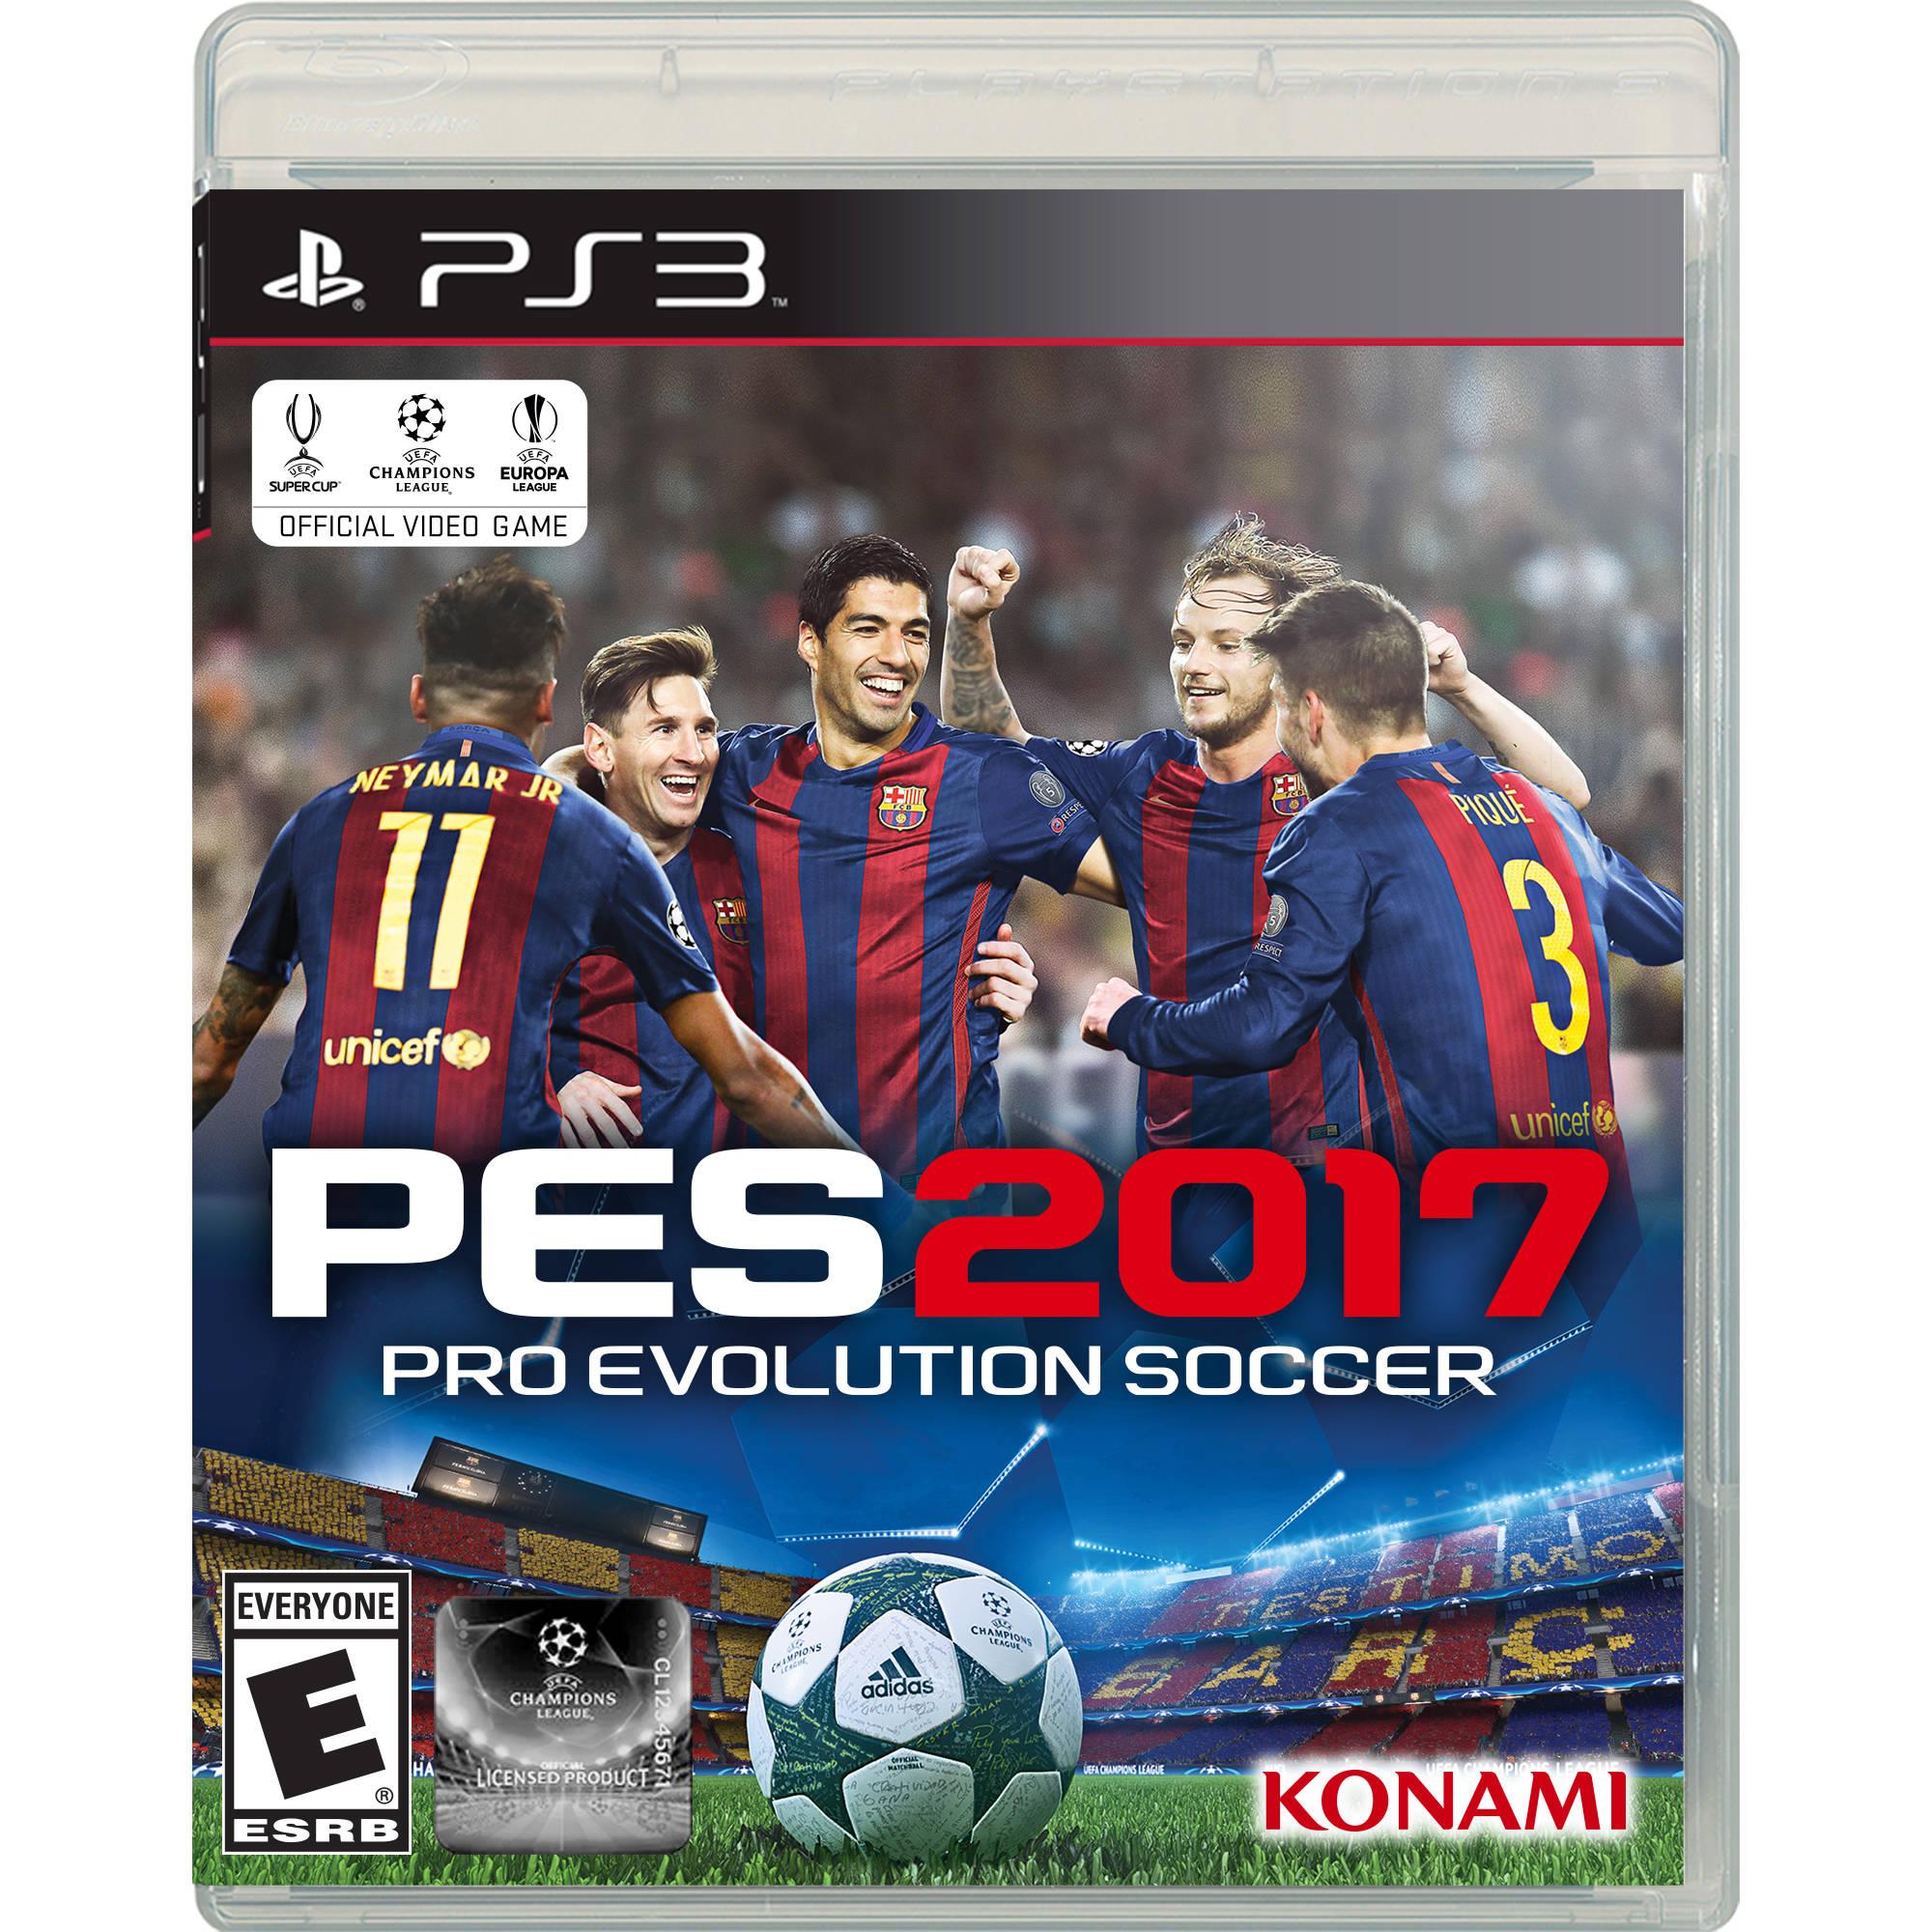 Konami Pro Evolution Soccer 2017 (PS3)